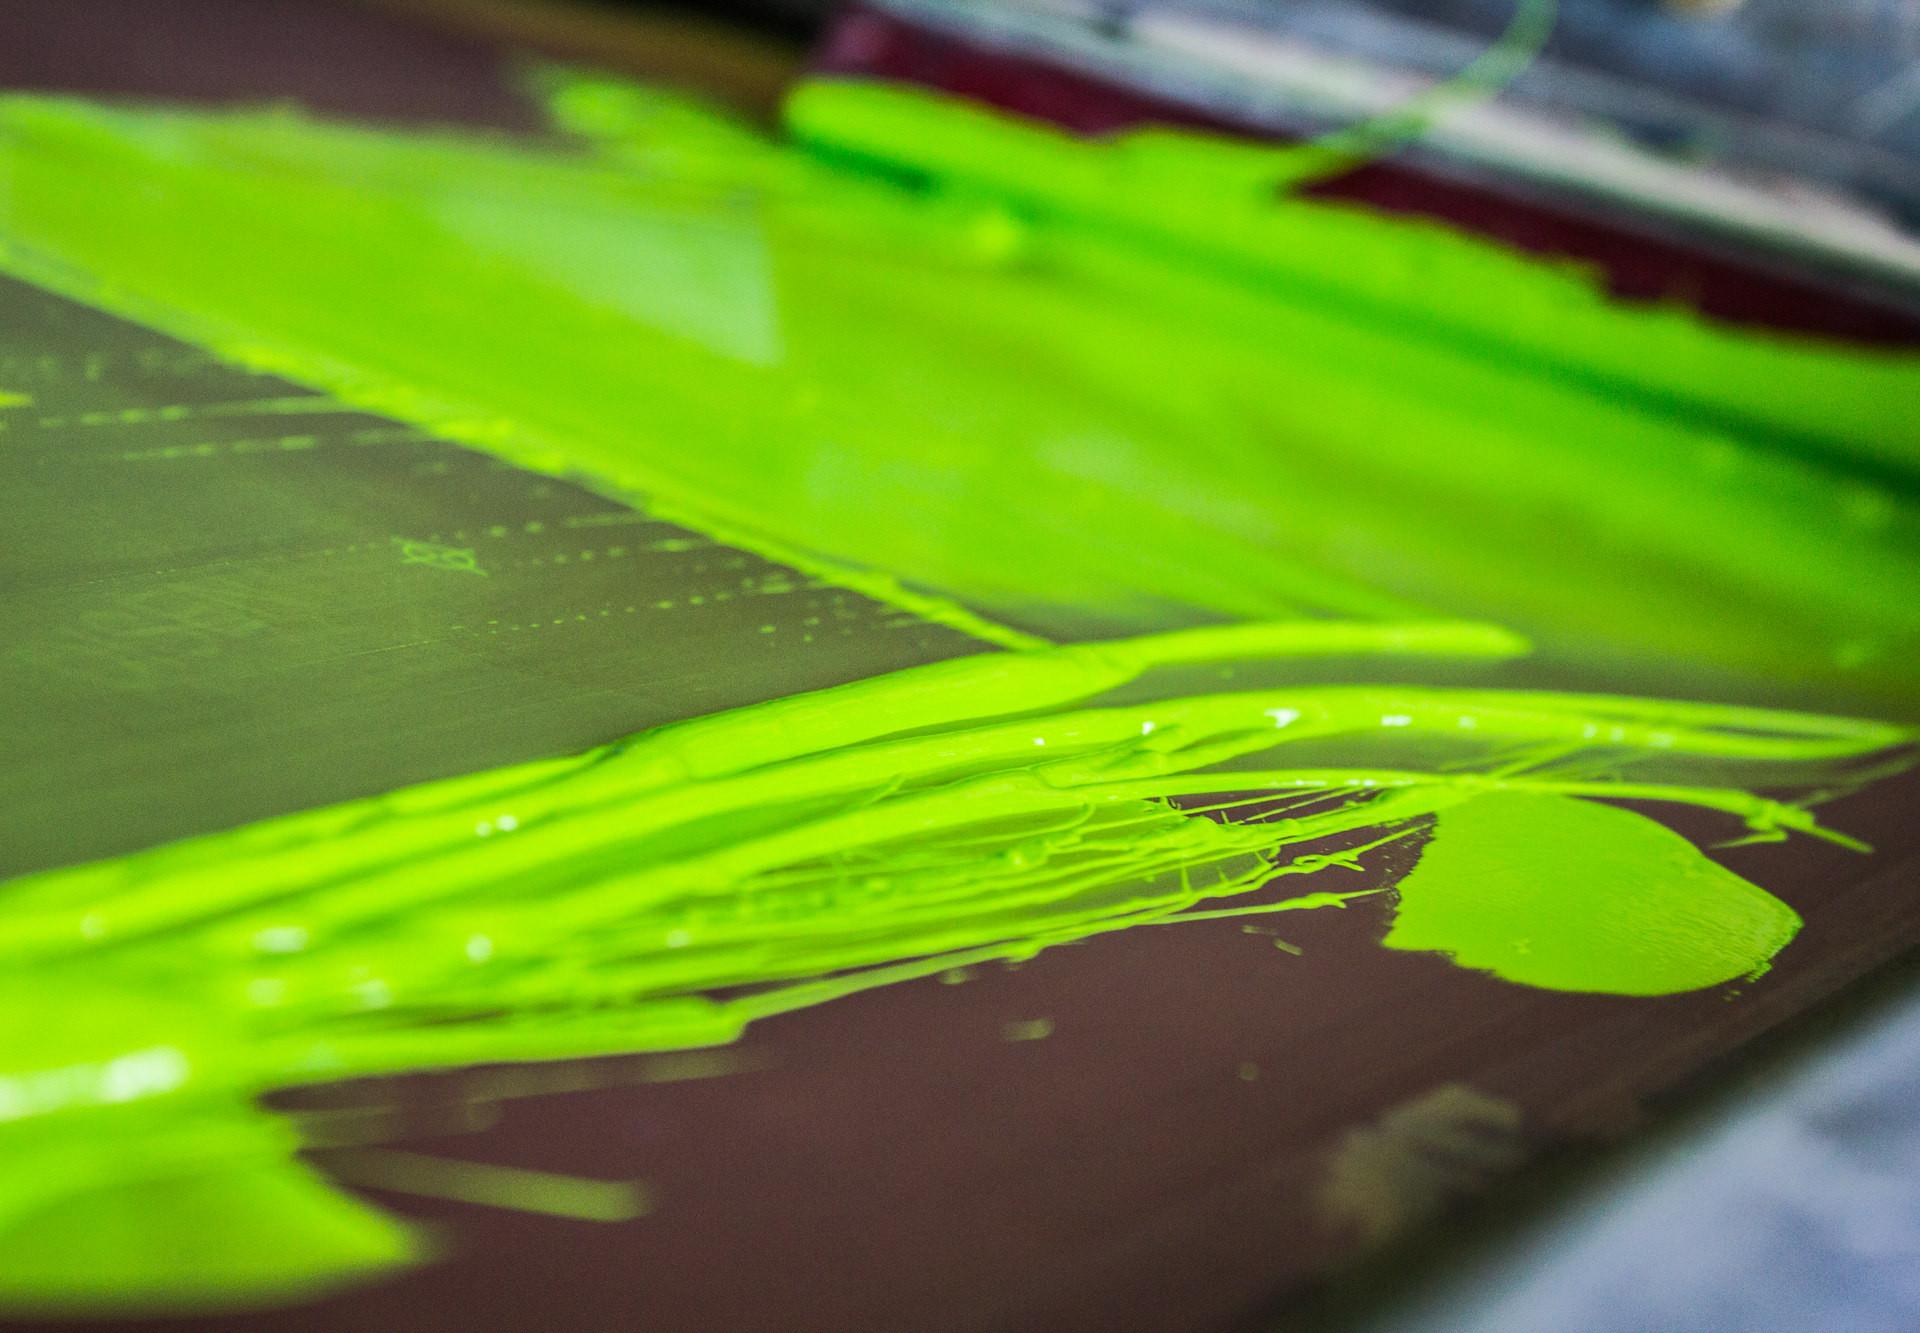 Greenfarbe2_mini.jpg